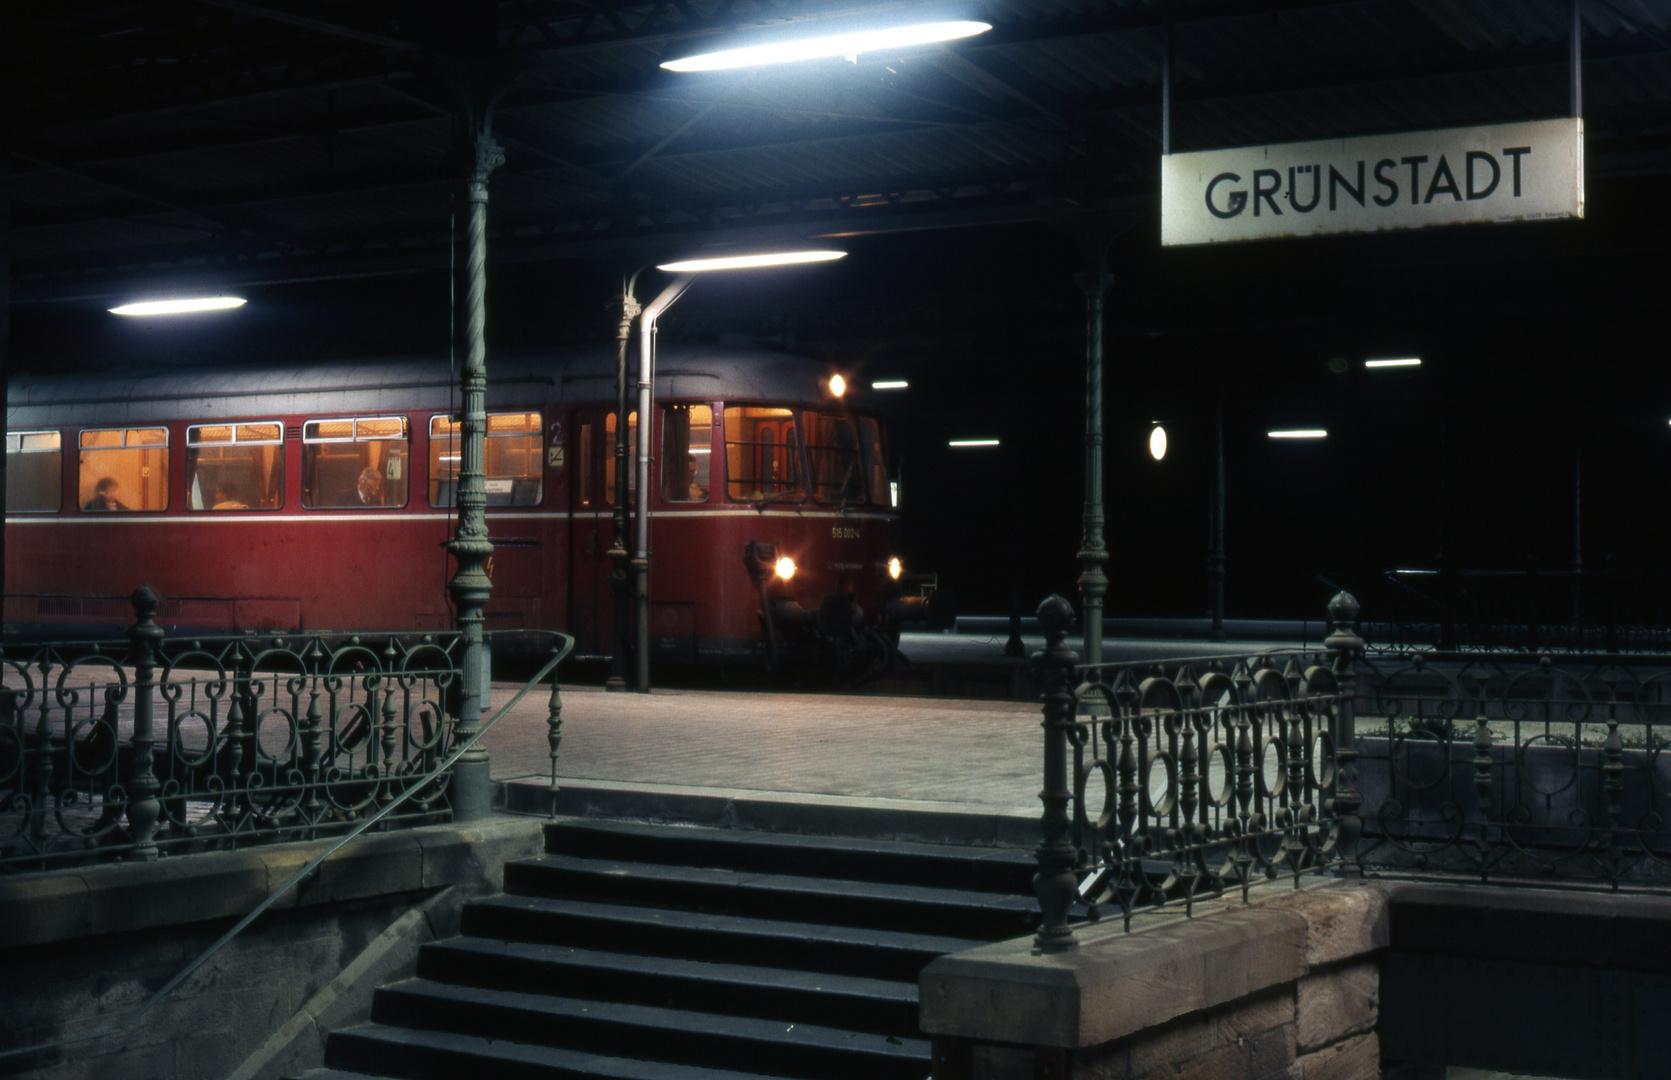 515 002 in Grünstadt/Pfalz